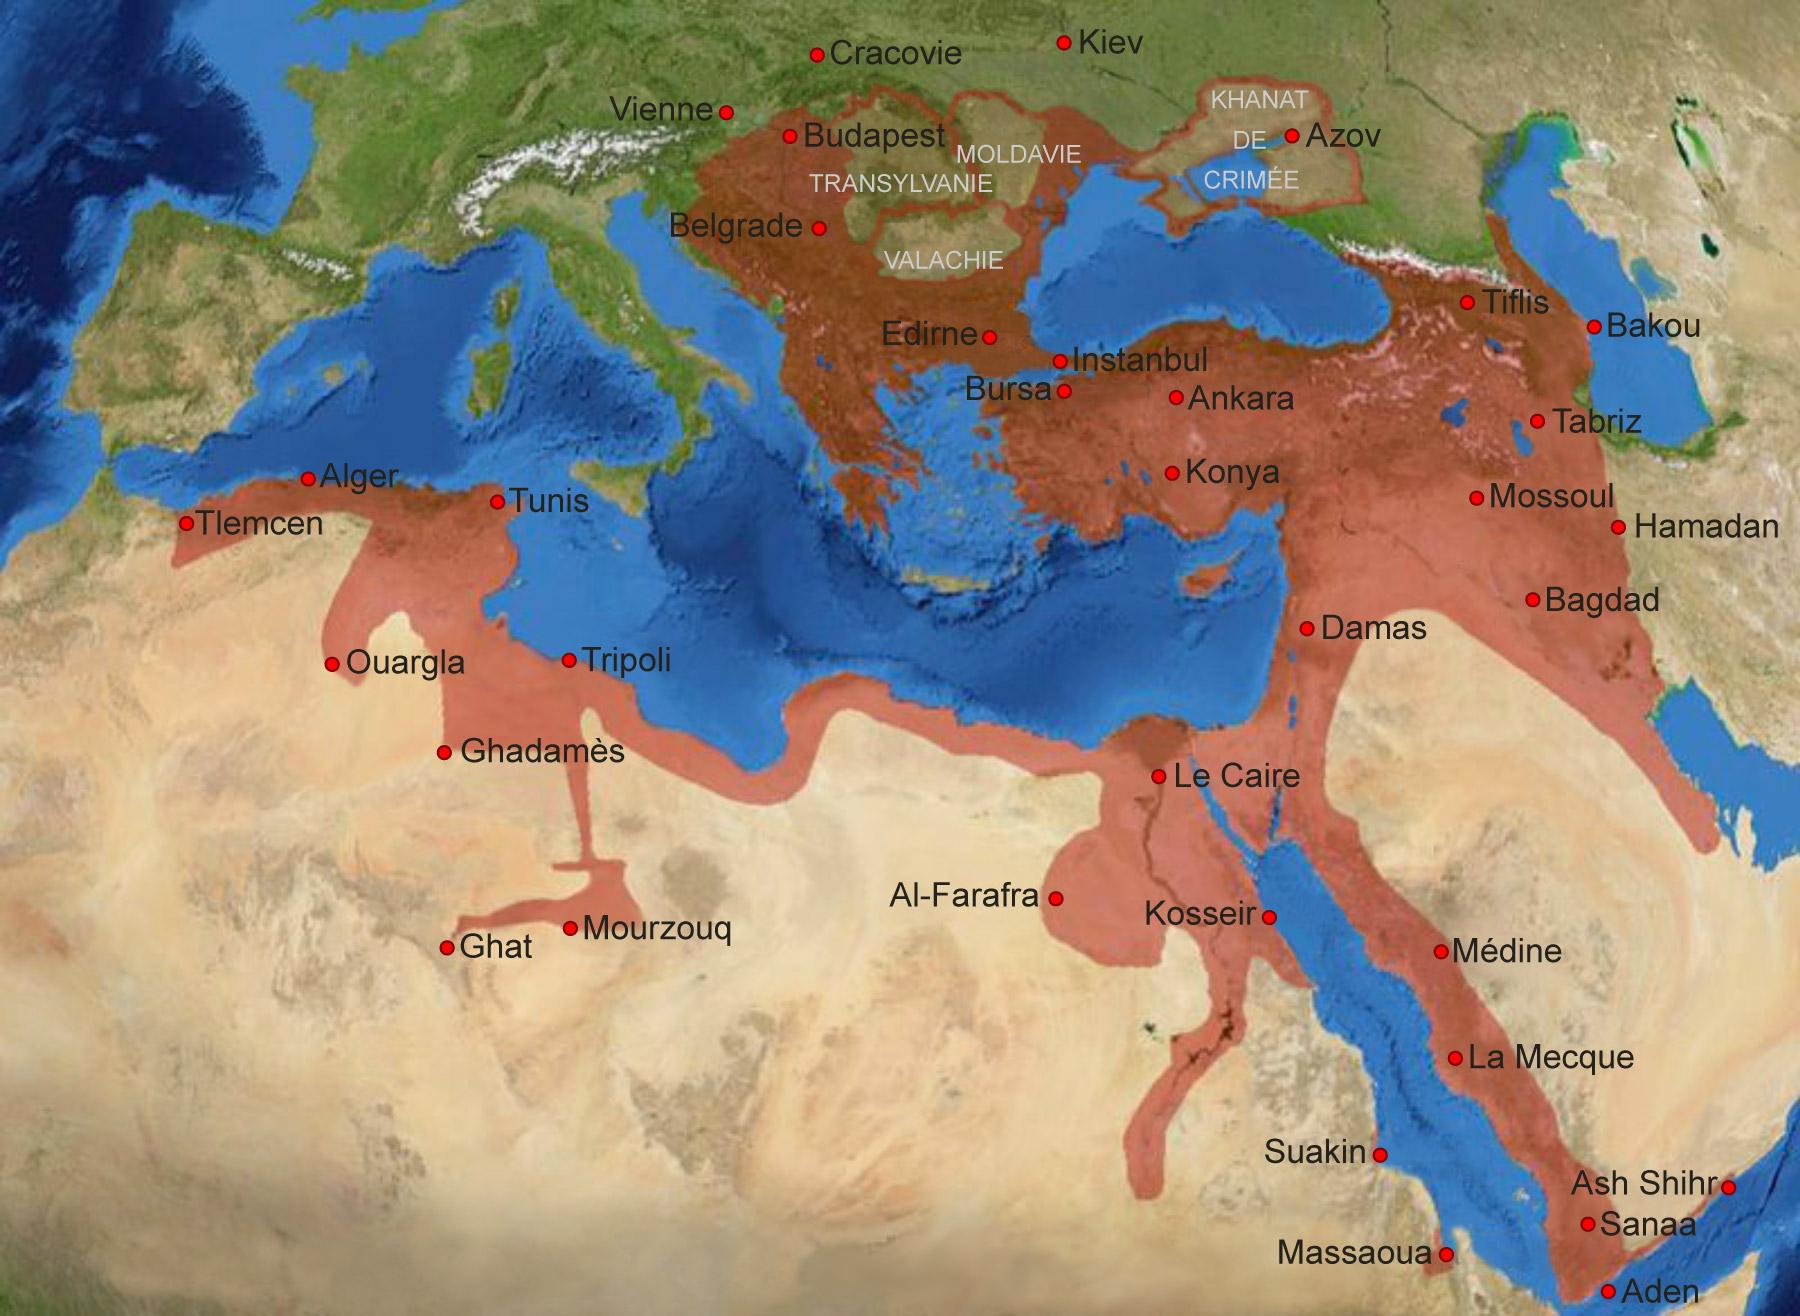 L'Empire ottoman à son apogée, vers la fin du XVIe siècle (1600).